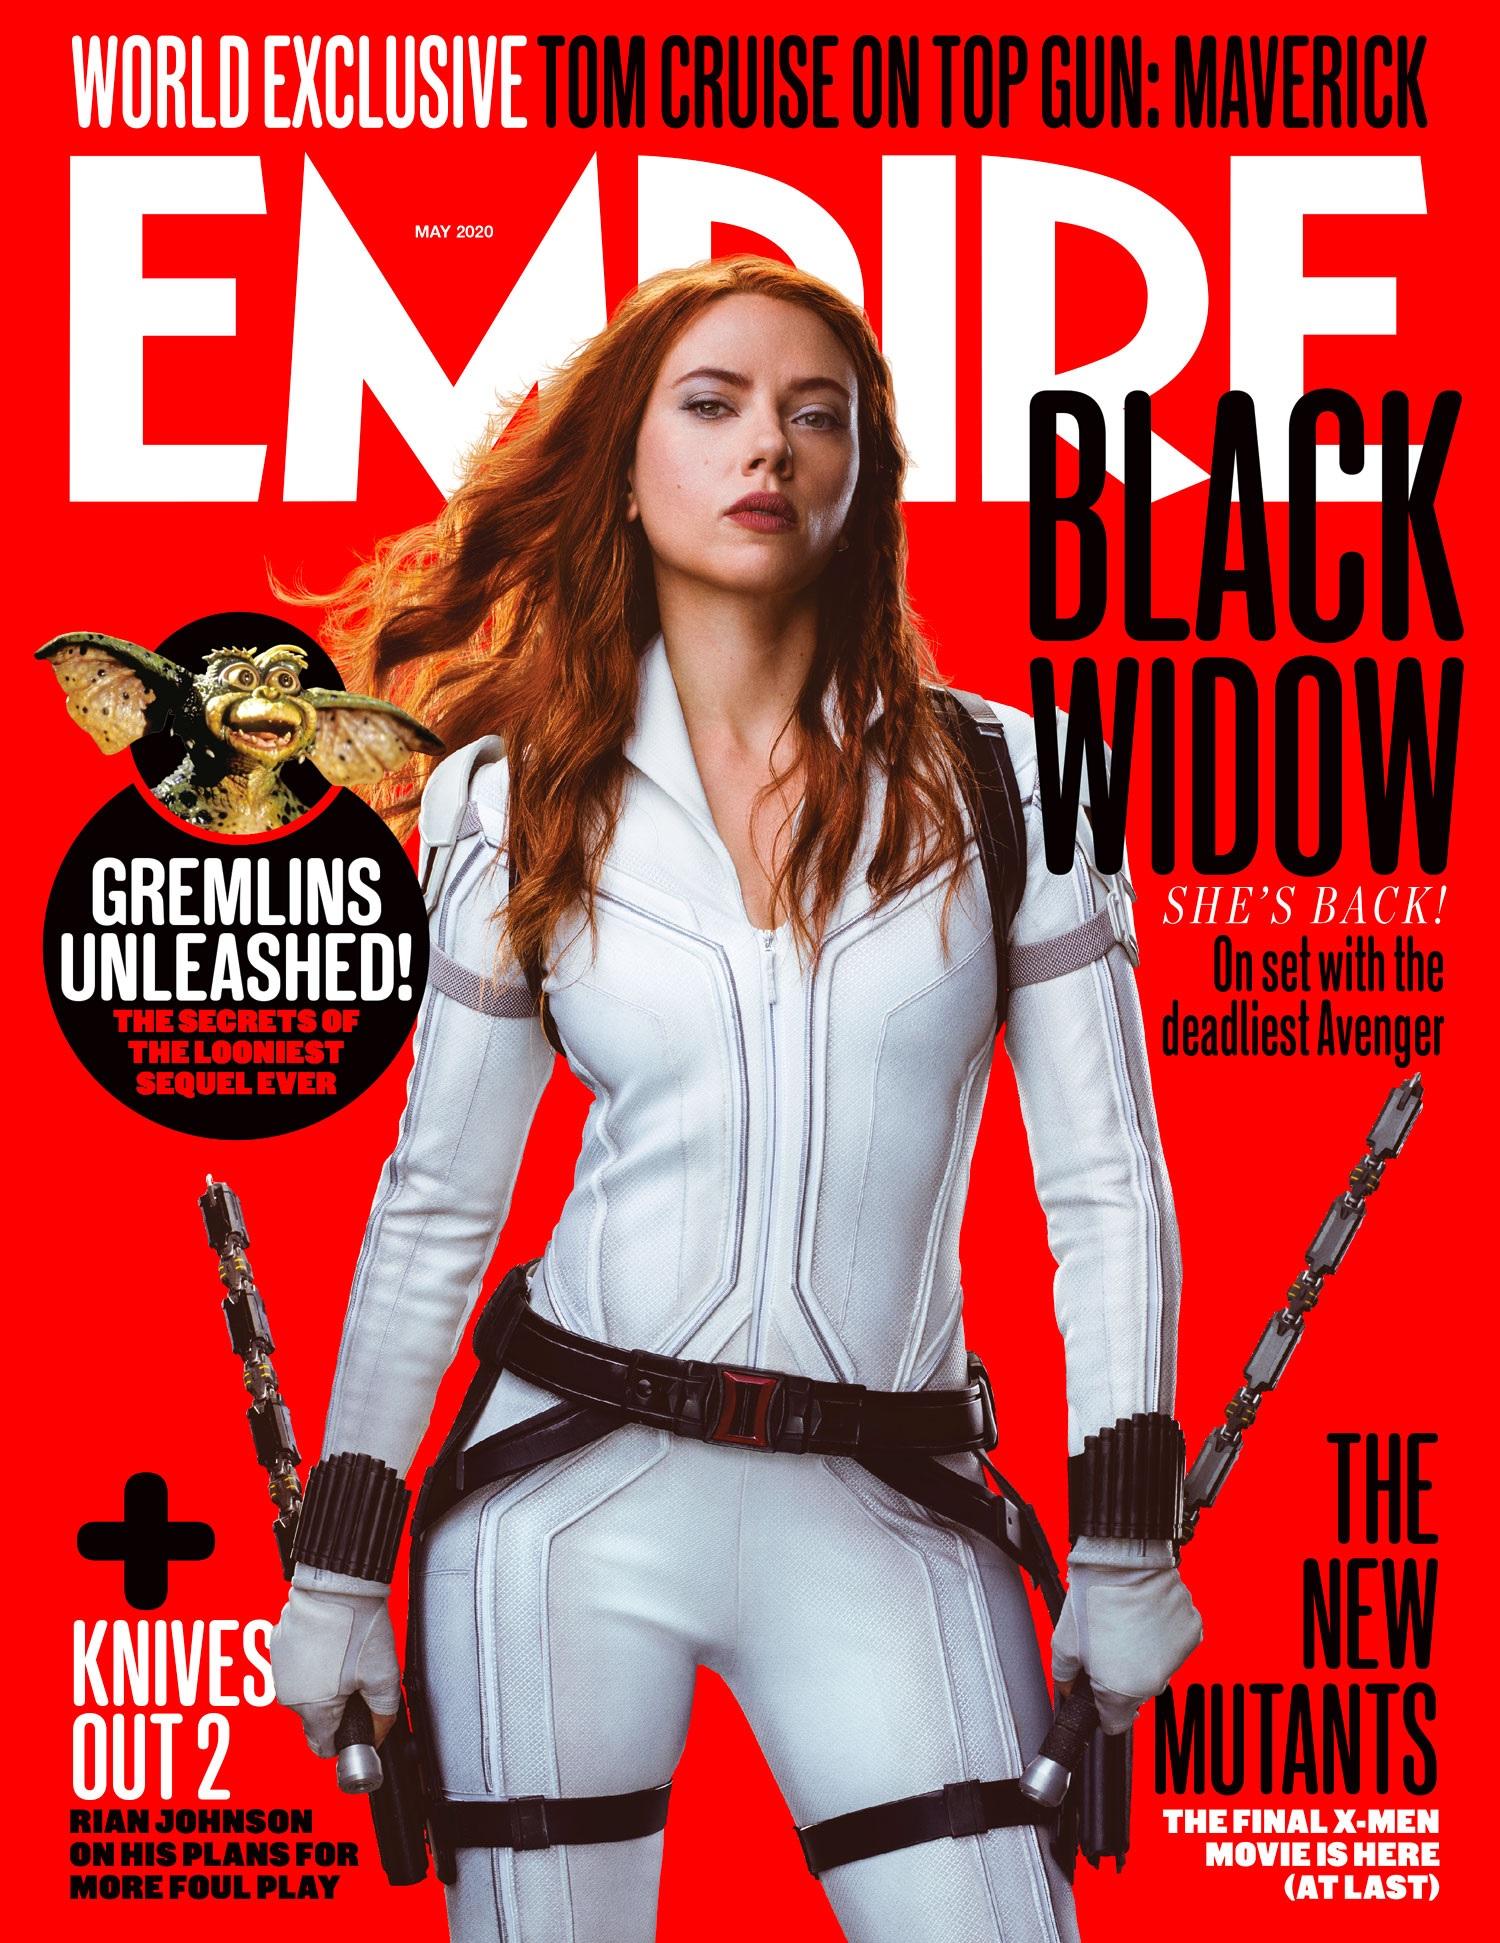 Portada de Empire dedicada a Black Widow